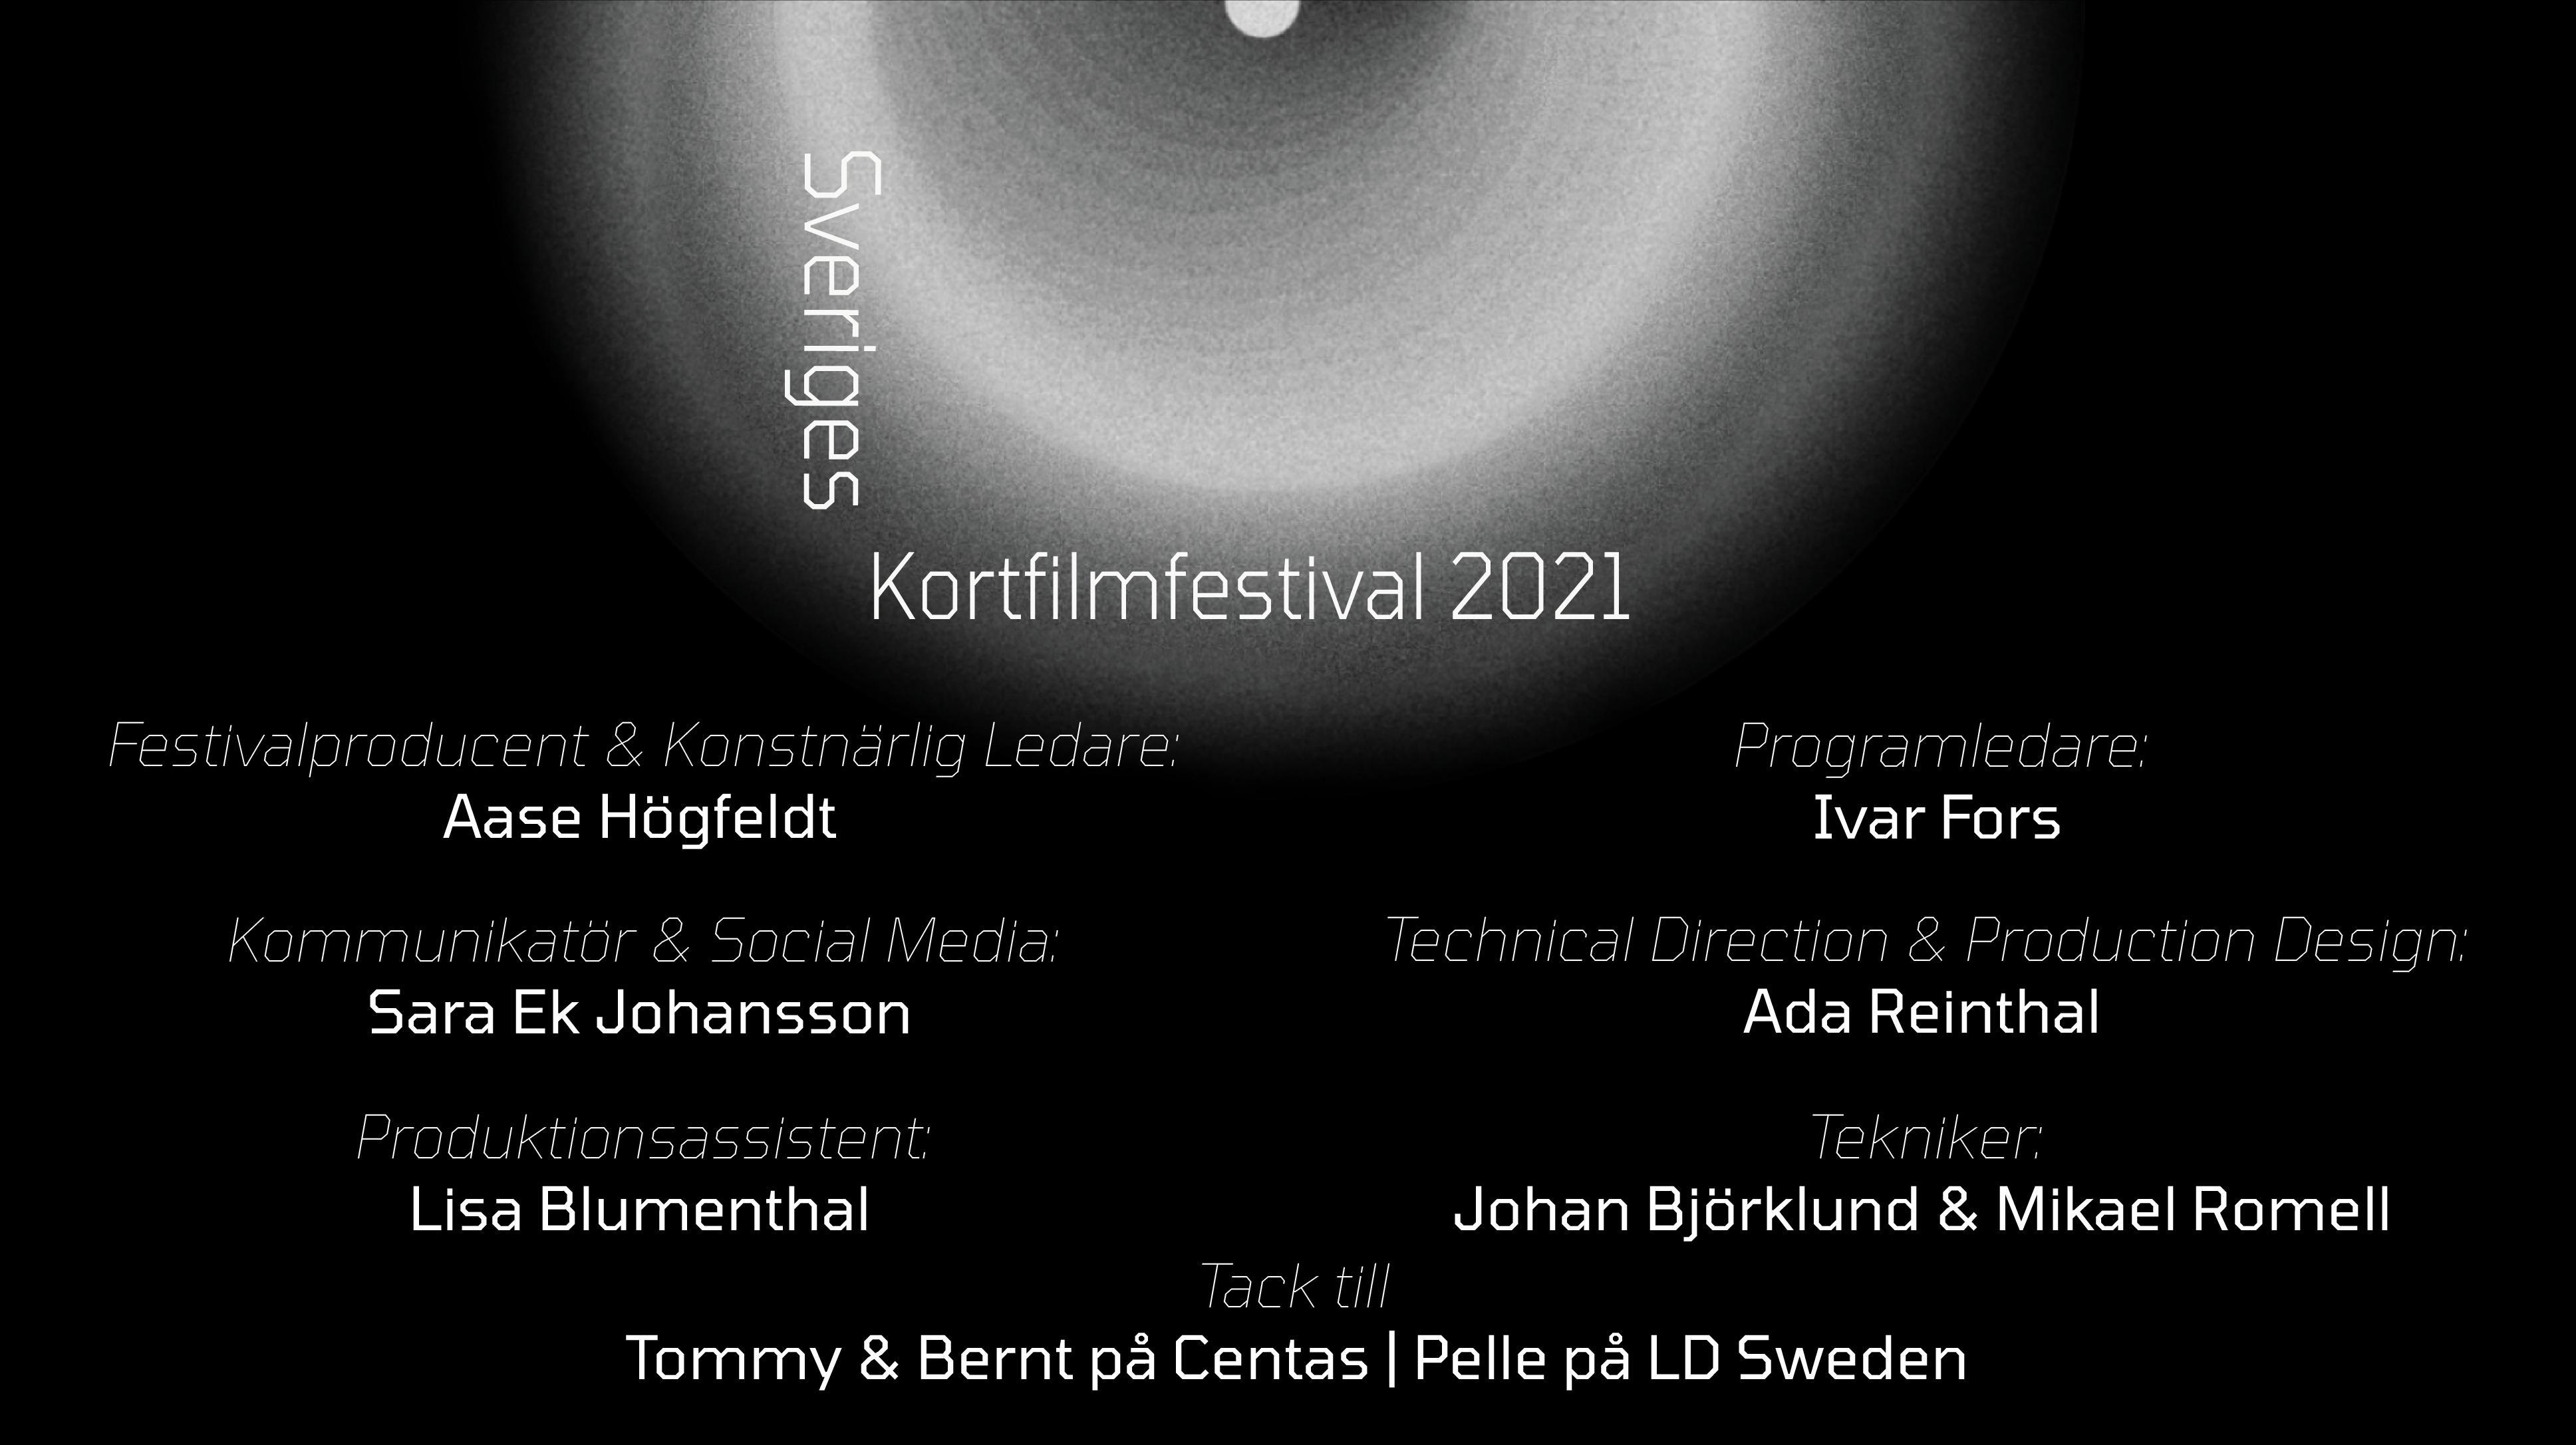 Huvudbild för Sveriges Kortfilmfestival